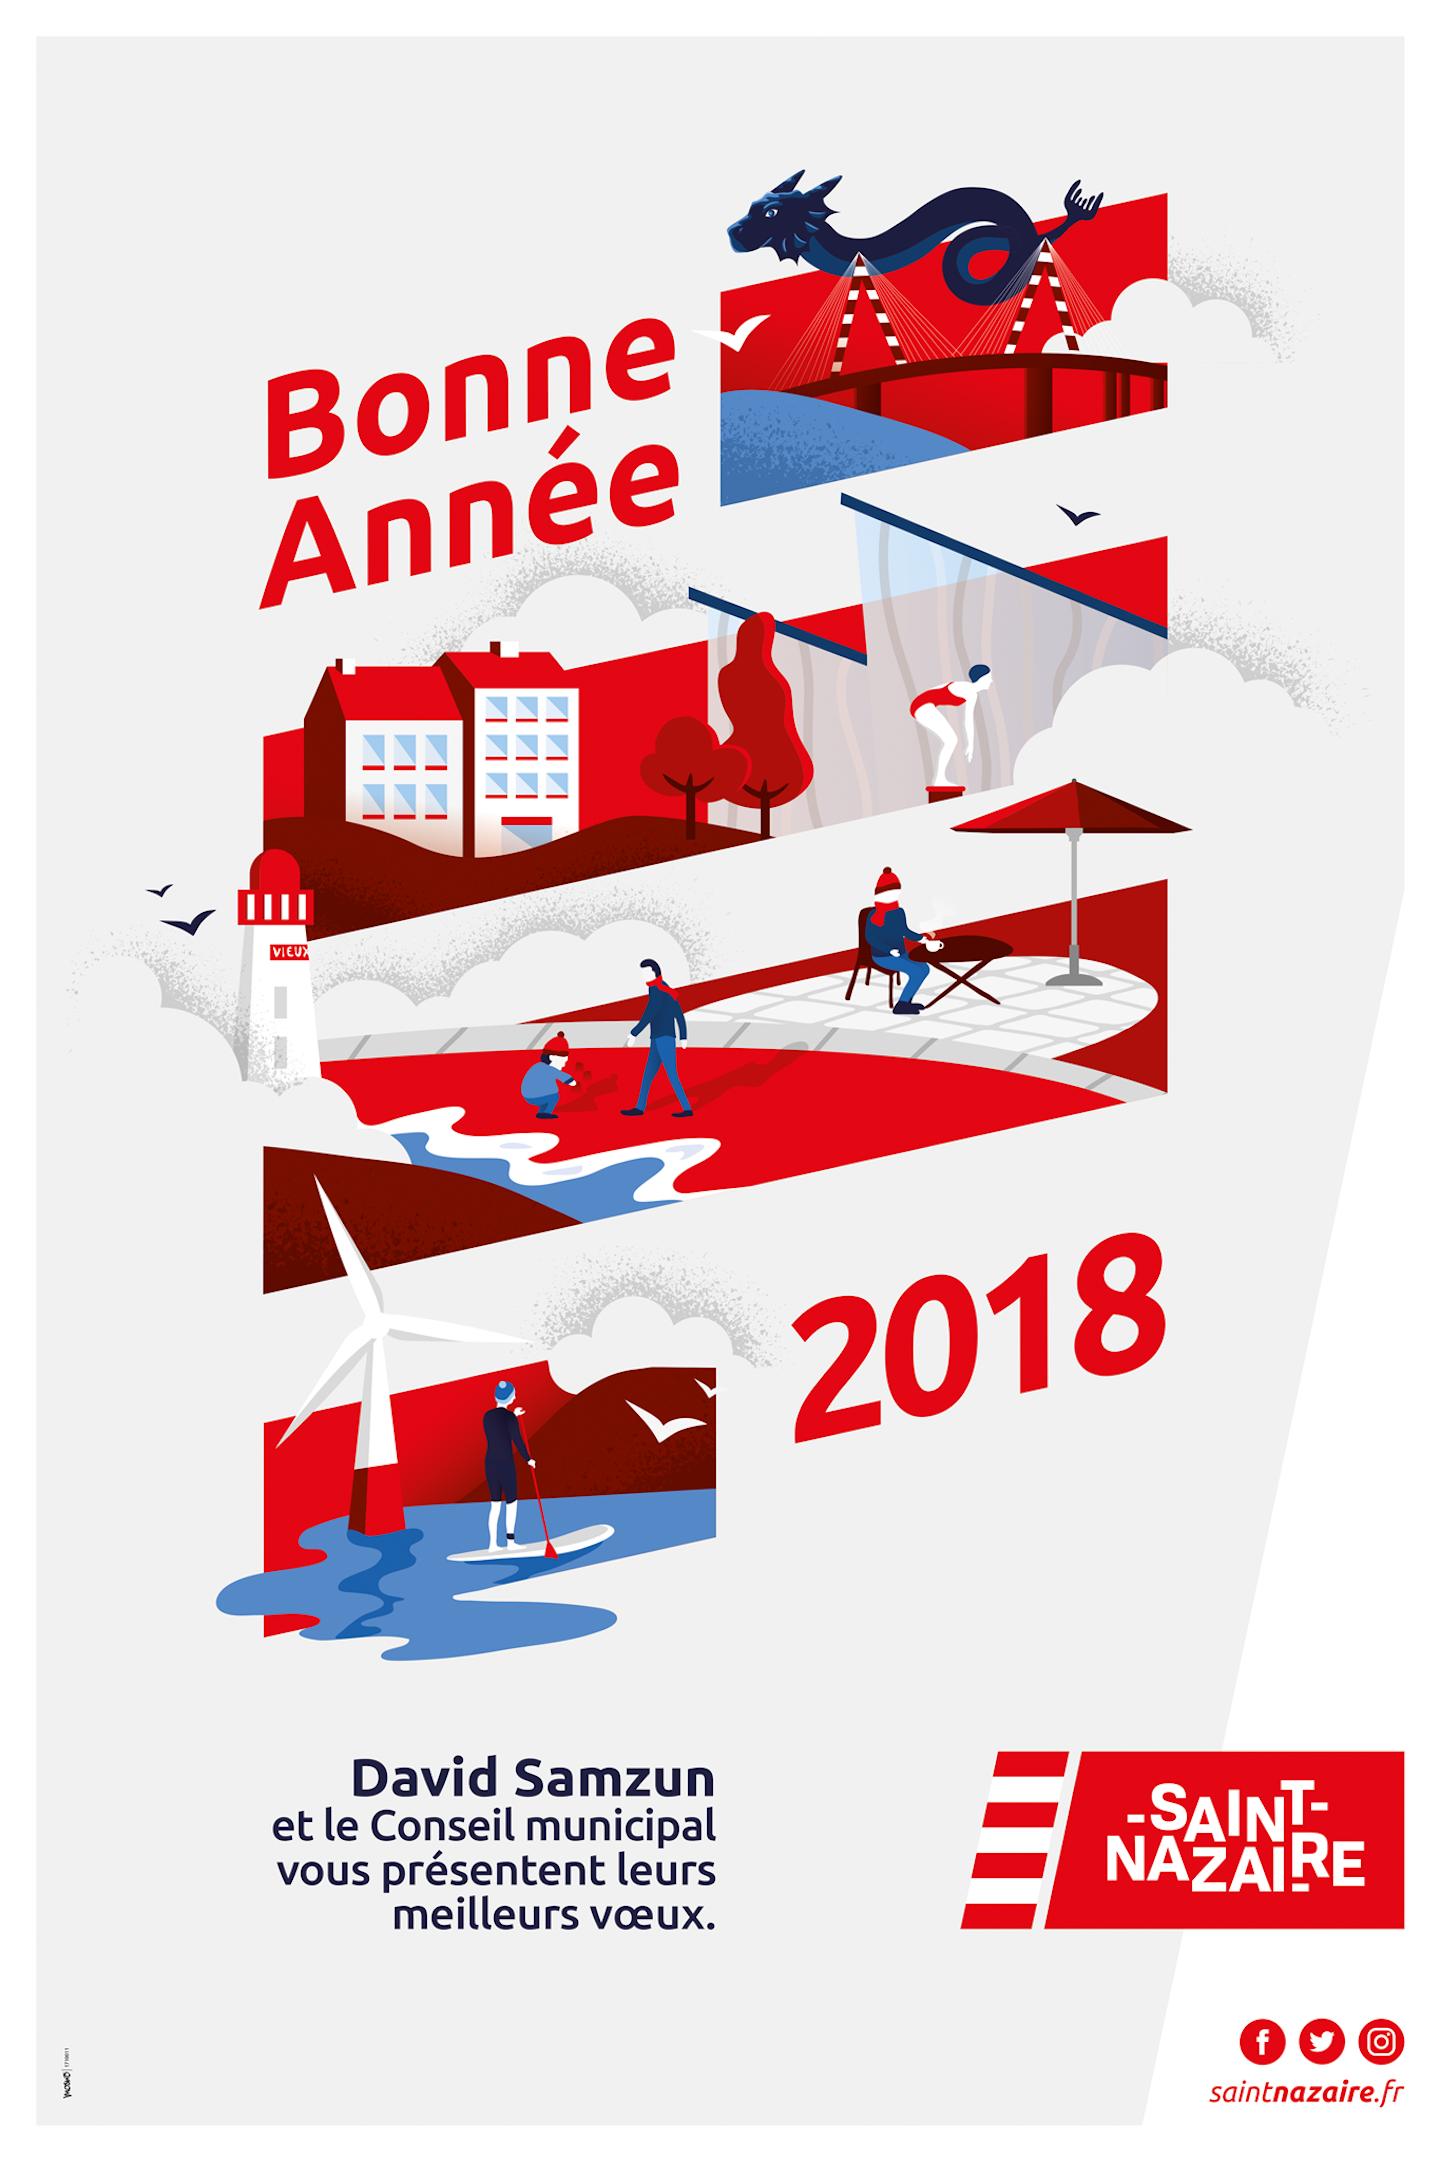 Moswo Voeux St Nazaire 2018 Carte De Voeux Entreprise Agence De Design Carte De Voeux